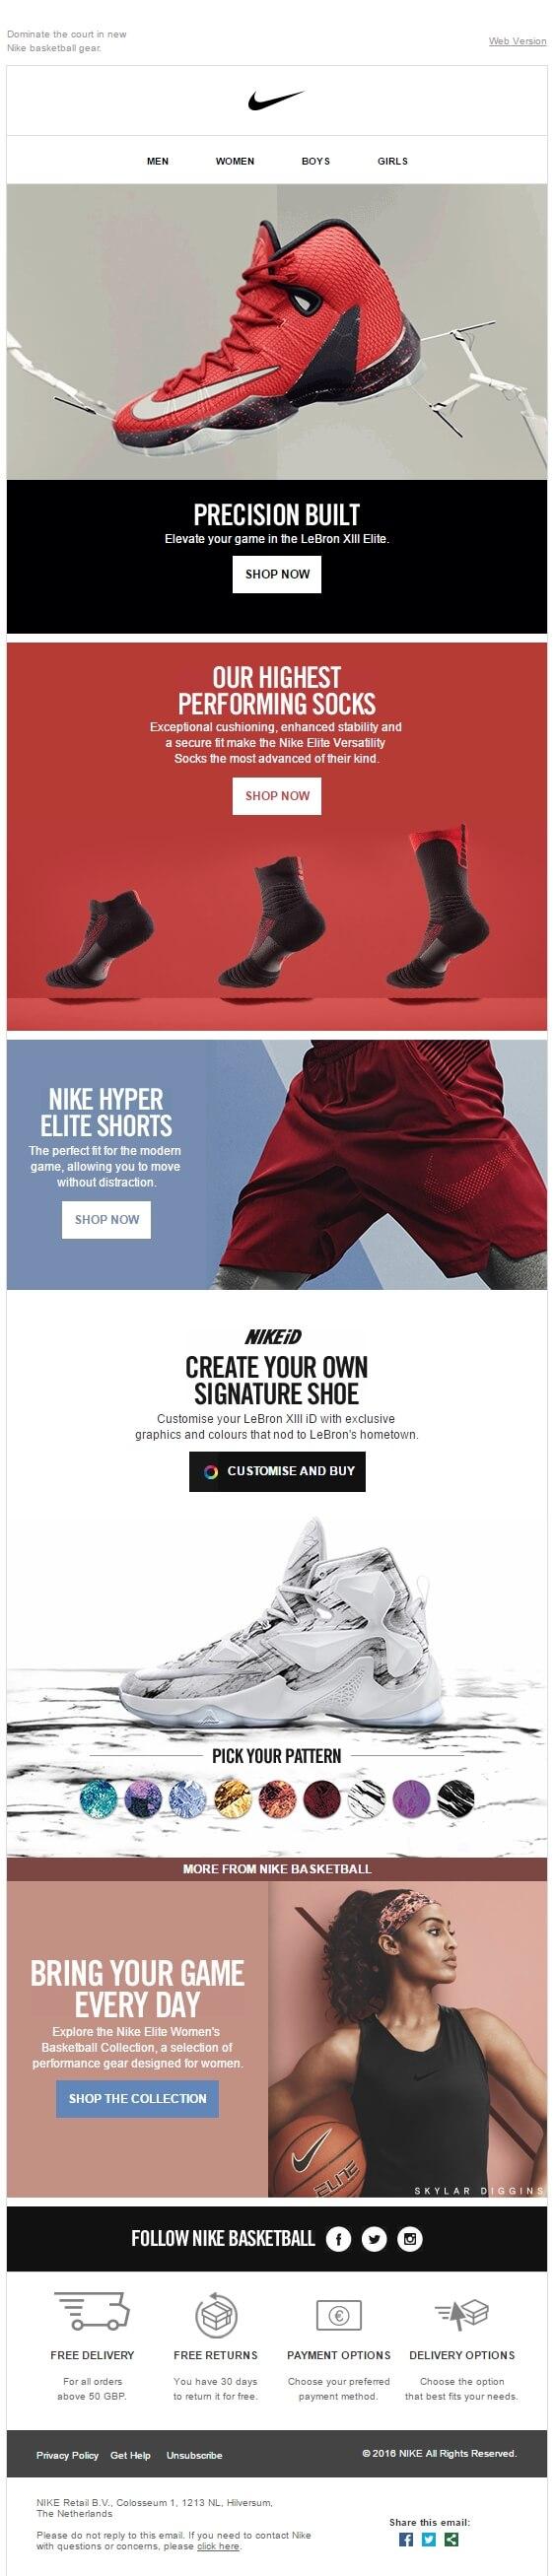 Nike-animated